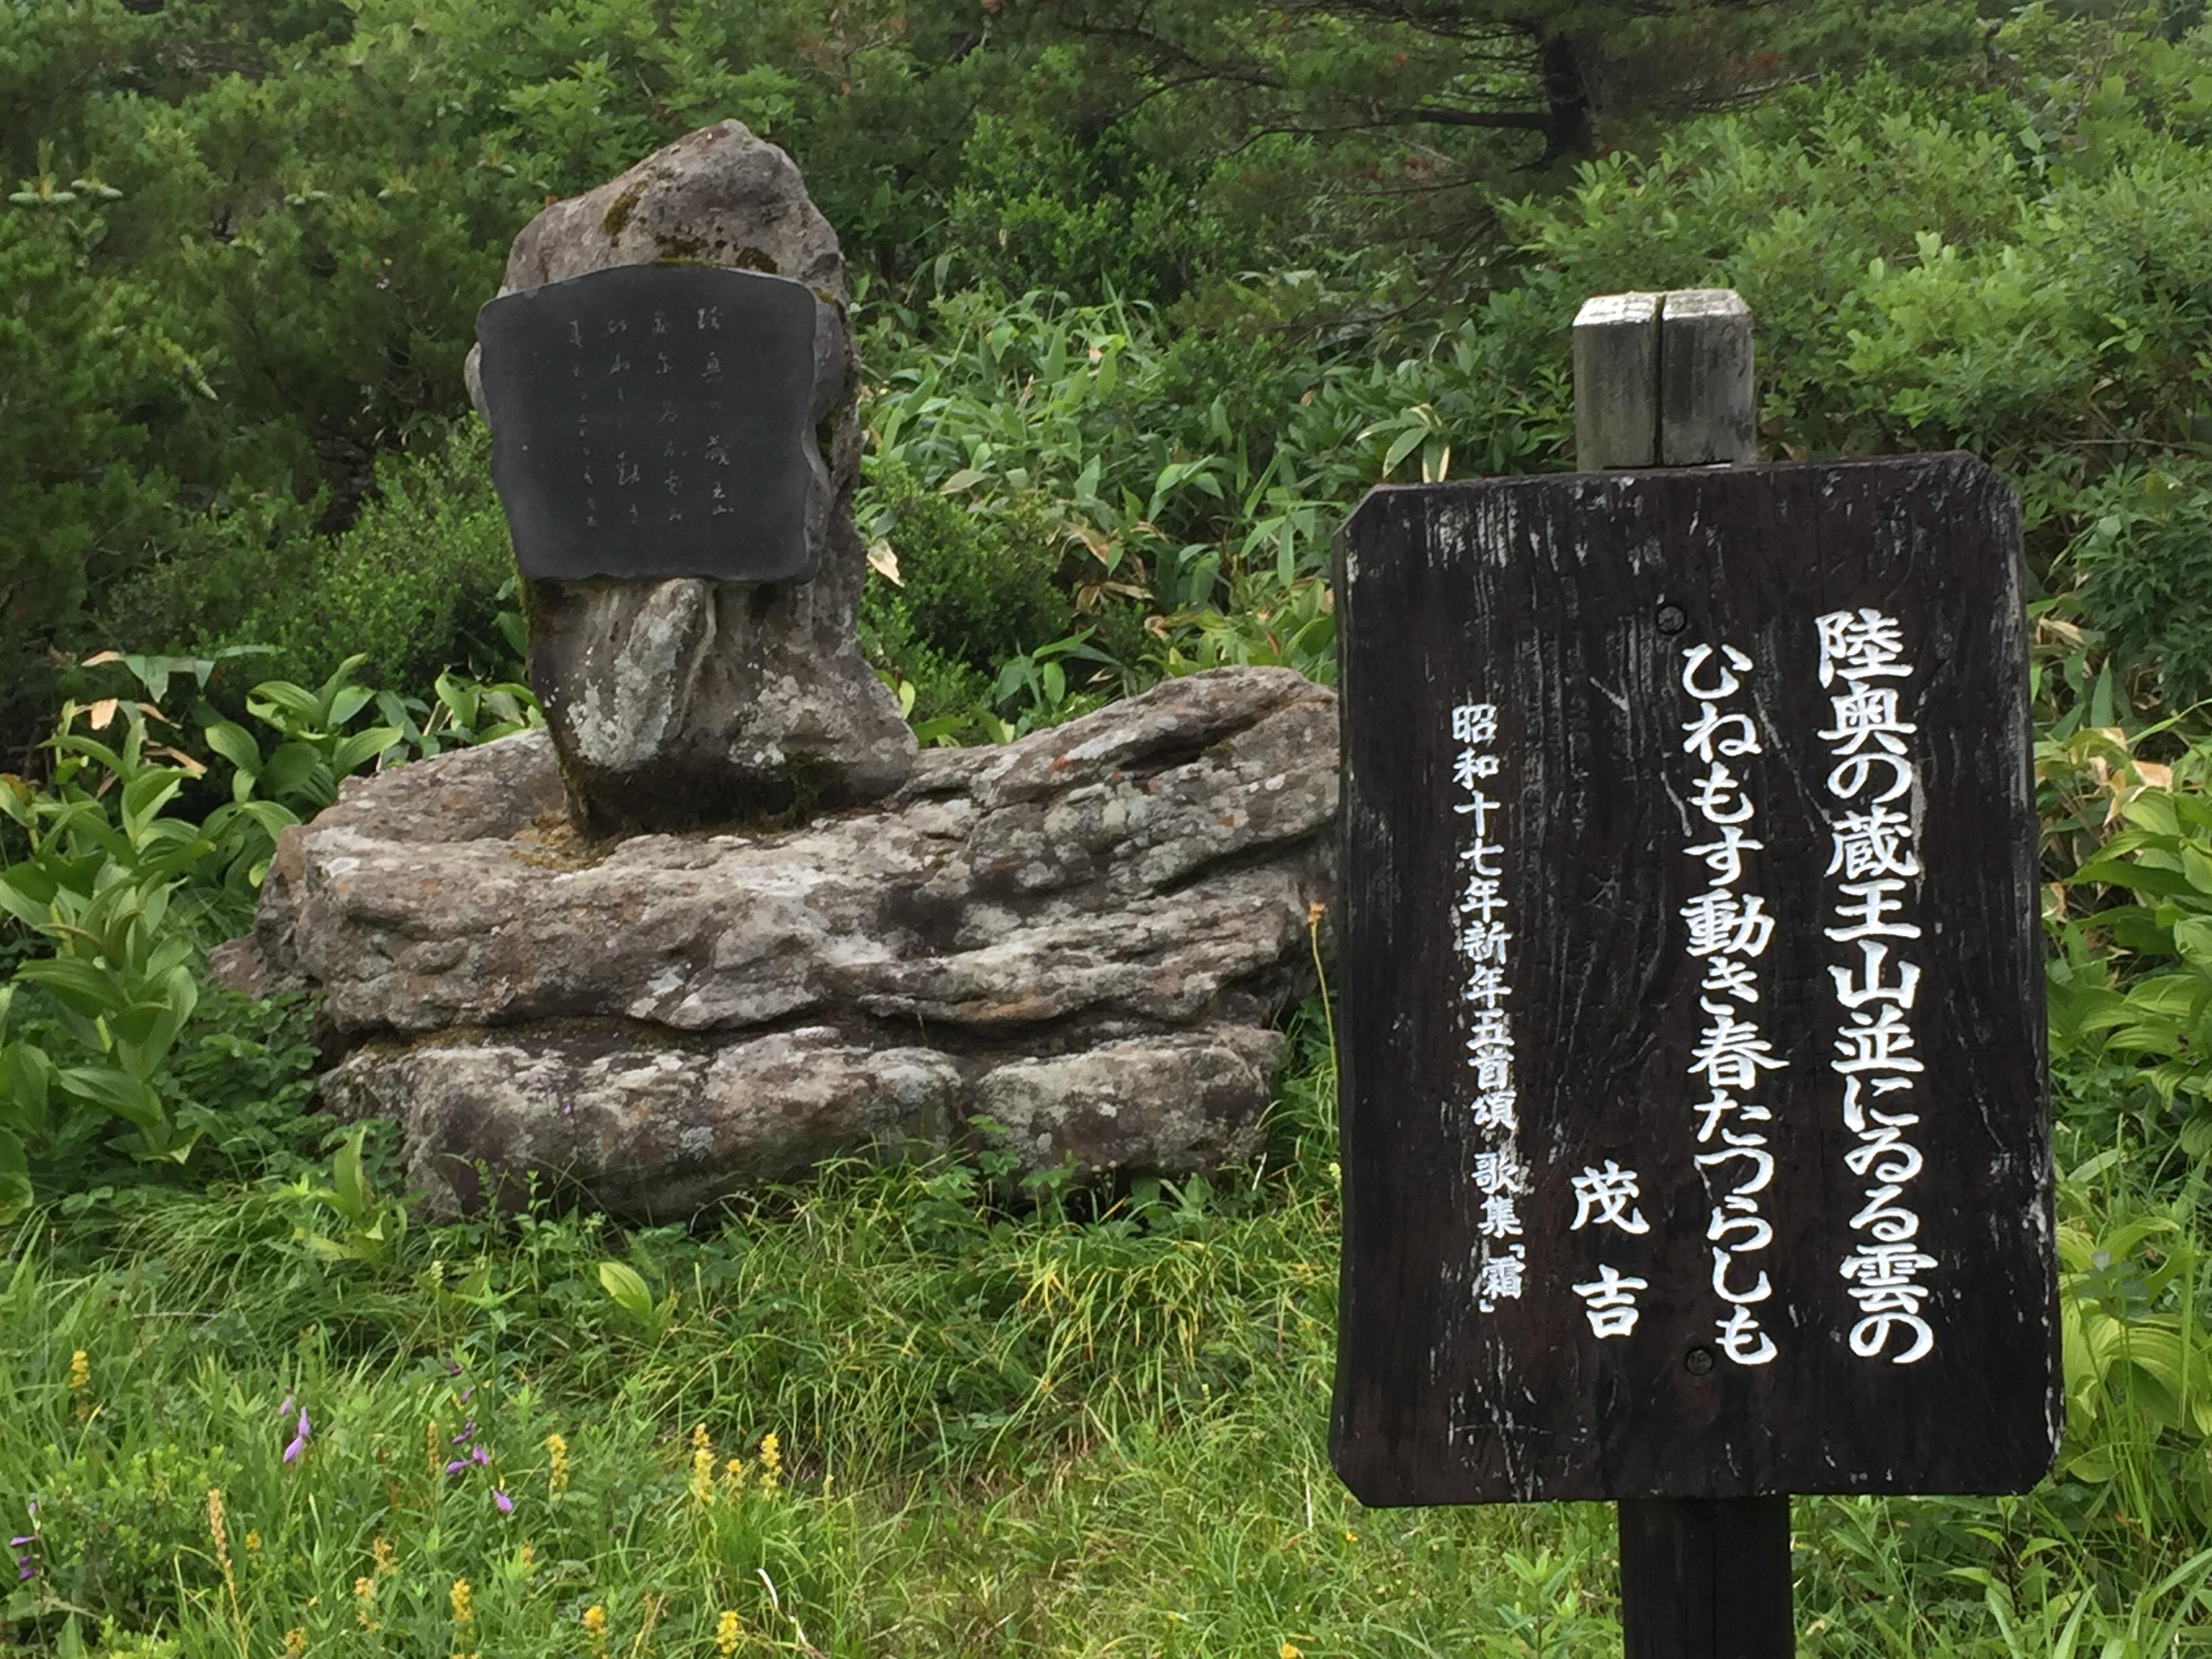 蔵王 登山道 斎藤茂吉 歌碑